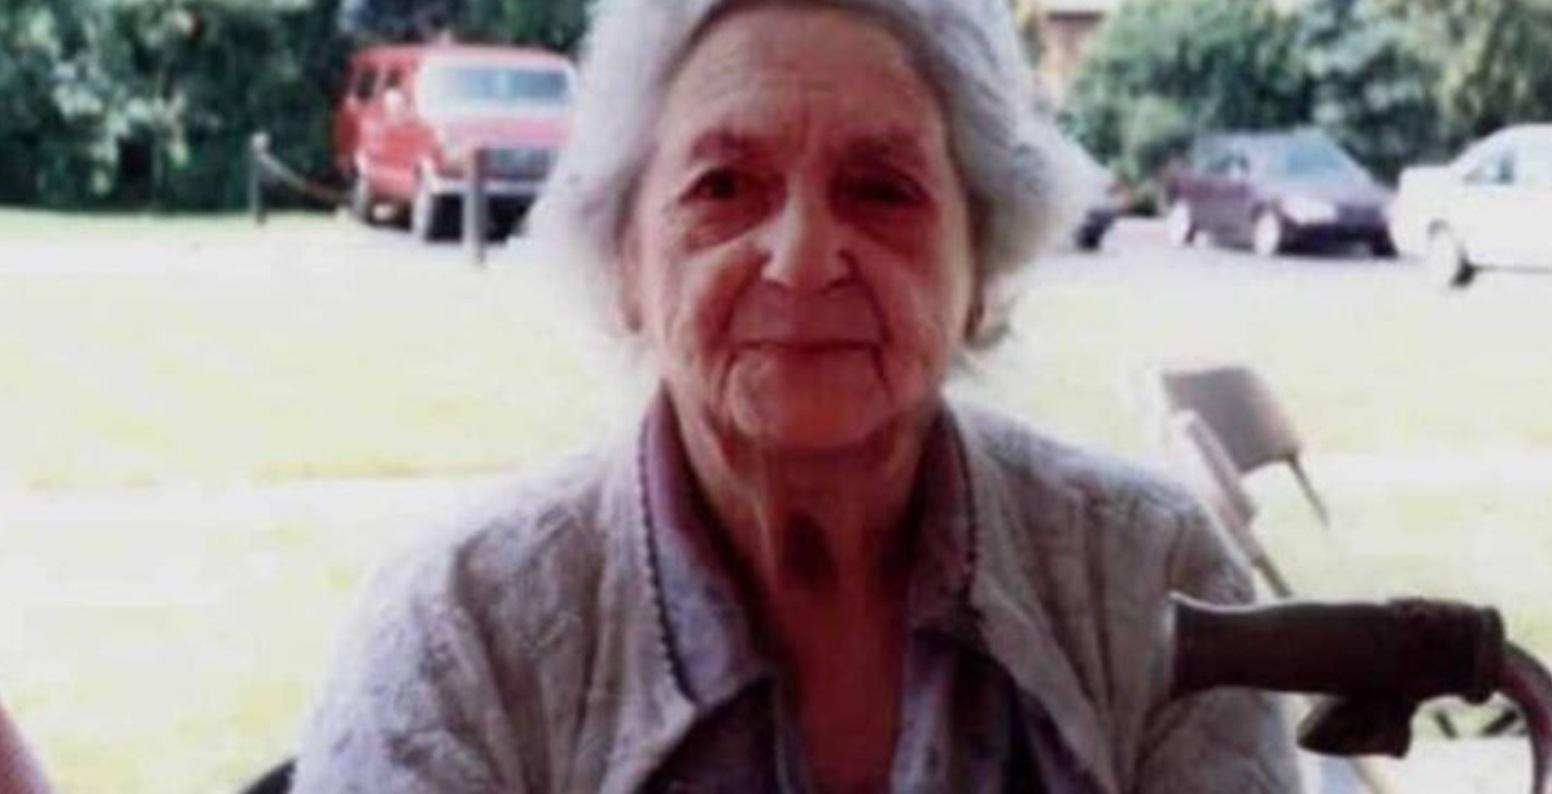 Kobieta zrobiła zdjęcie swojej babci, po śmierci kobiety wnuczka na zdjęciu zobaczyła postać, która przypominała dziadka, czy to był duch?